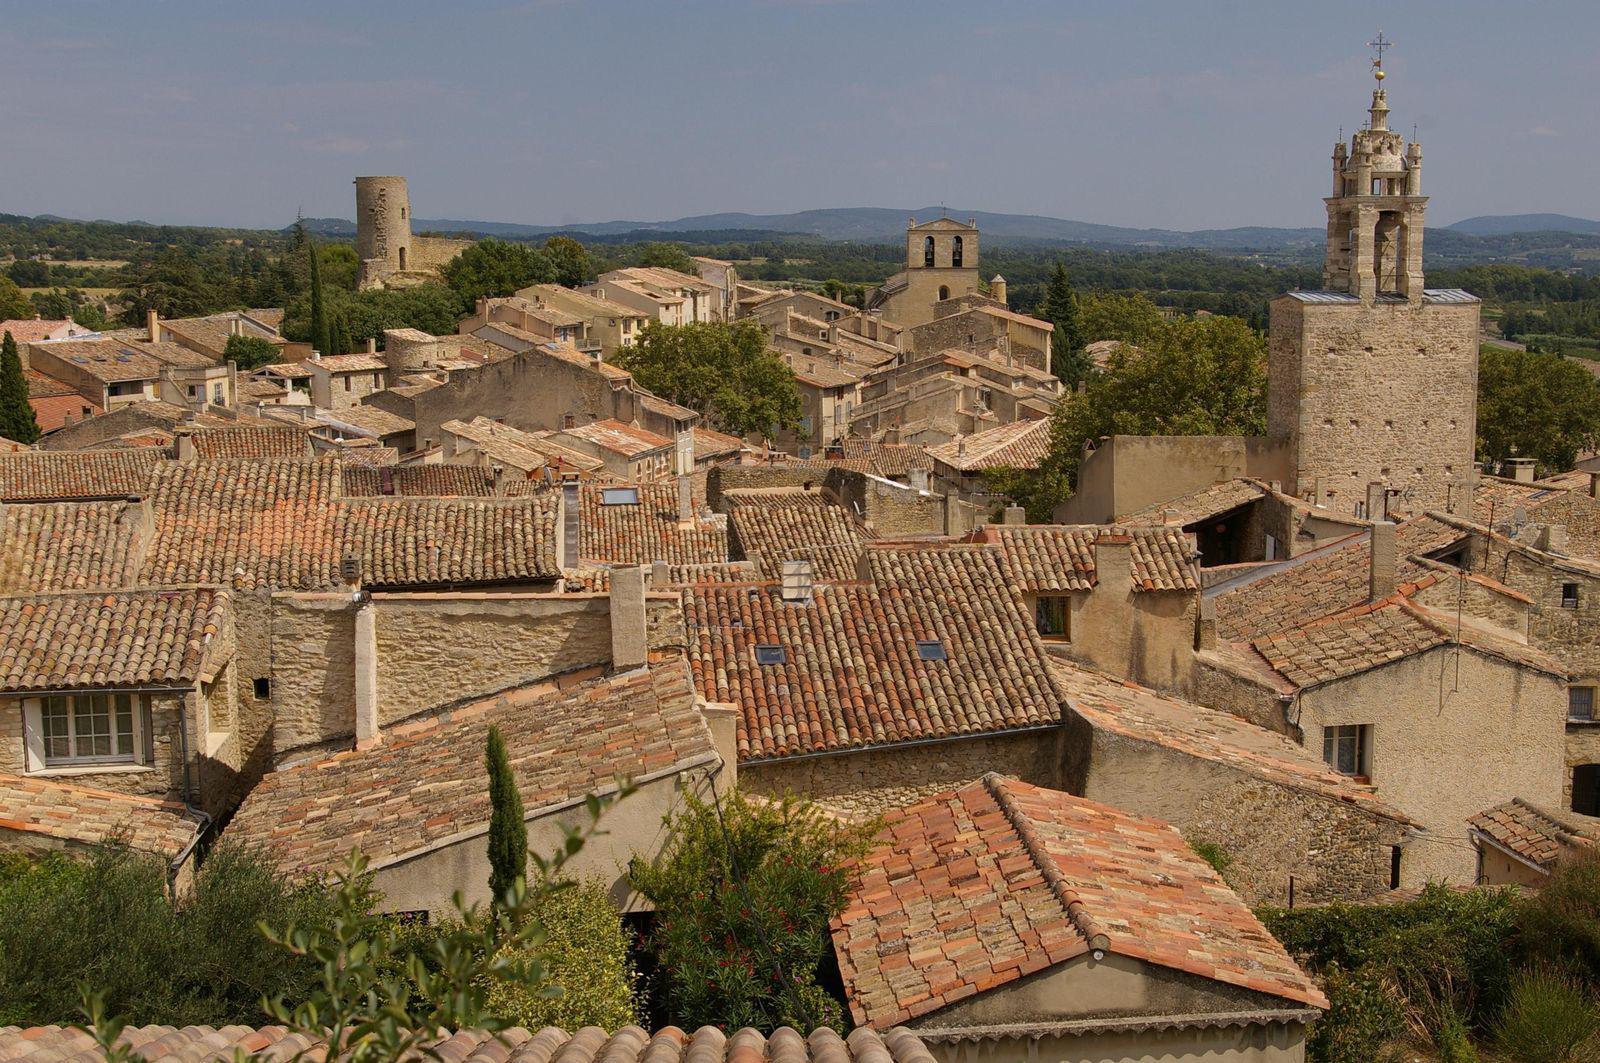 Toits de maison - Cucuron (84160), Luberon, Vaucluse (84)